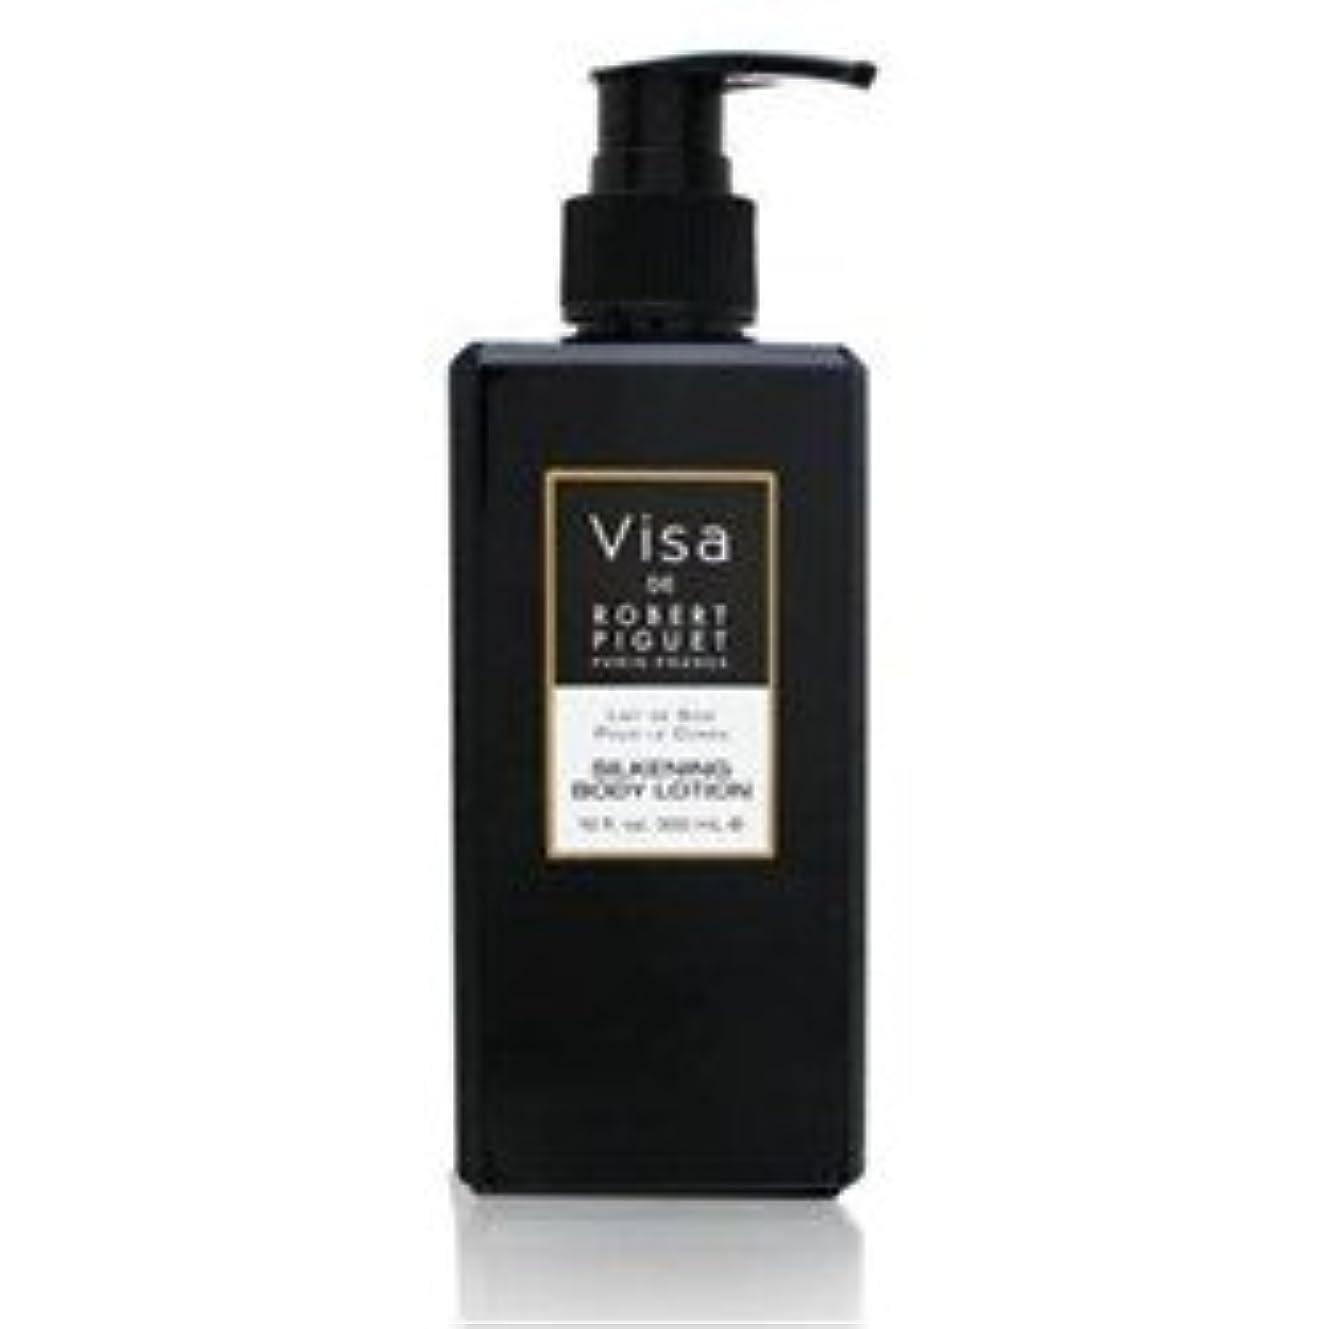 ほかにプロテスタント支店Visa (ビザ)10 oz (300ml) Body Lotion (ボディーローション) by Robert Piguet for Women